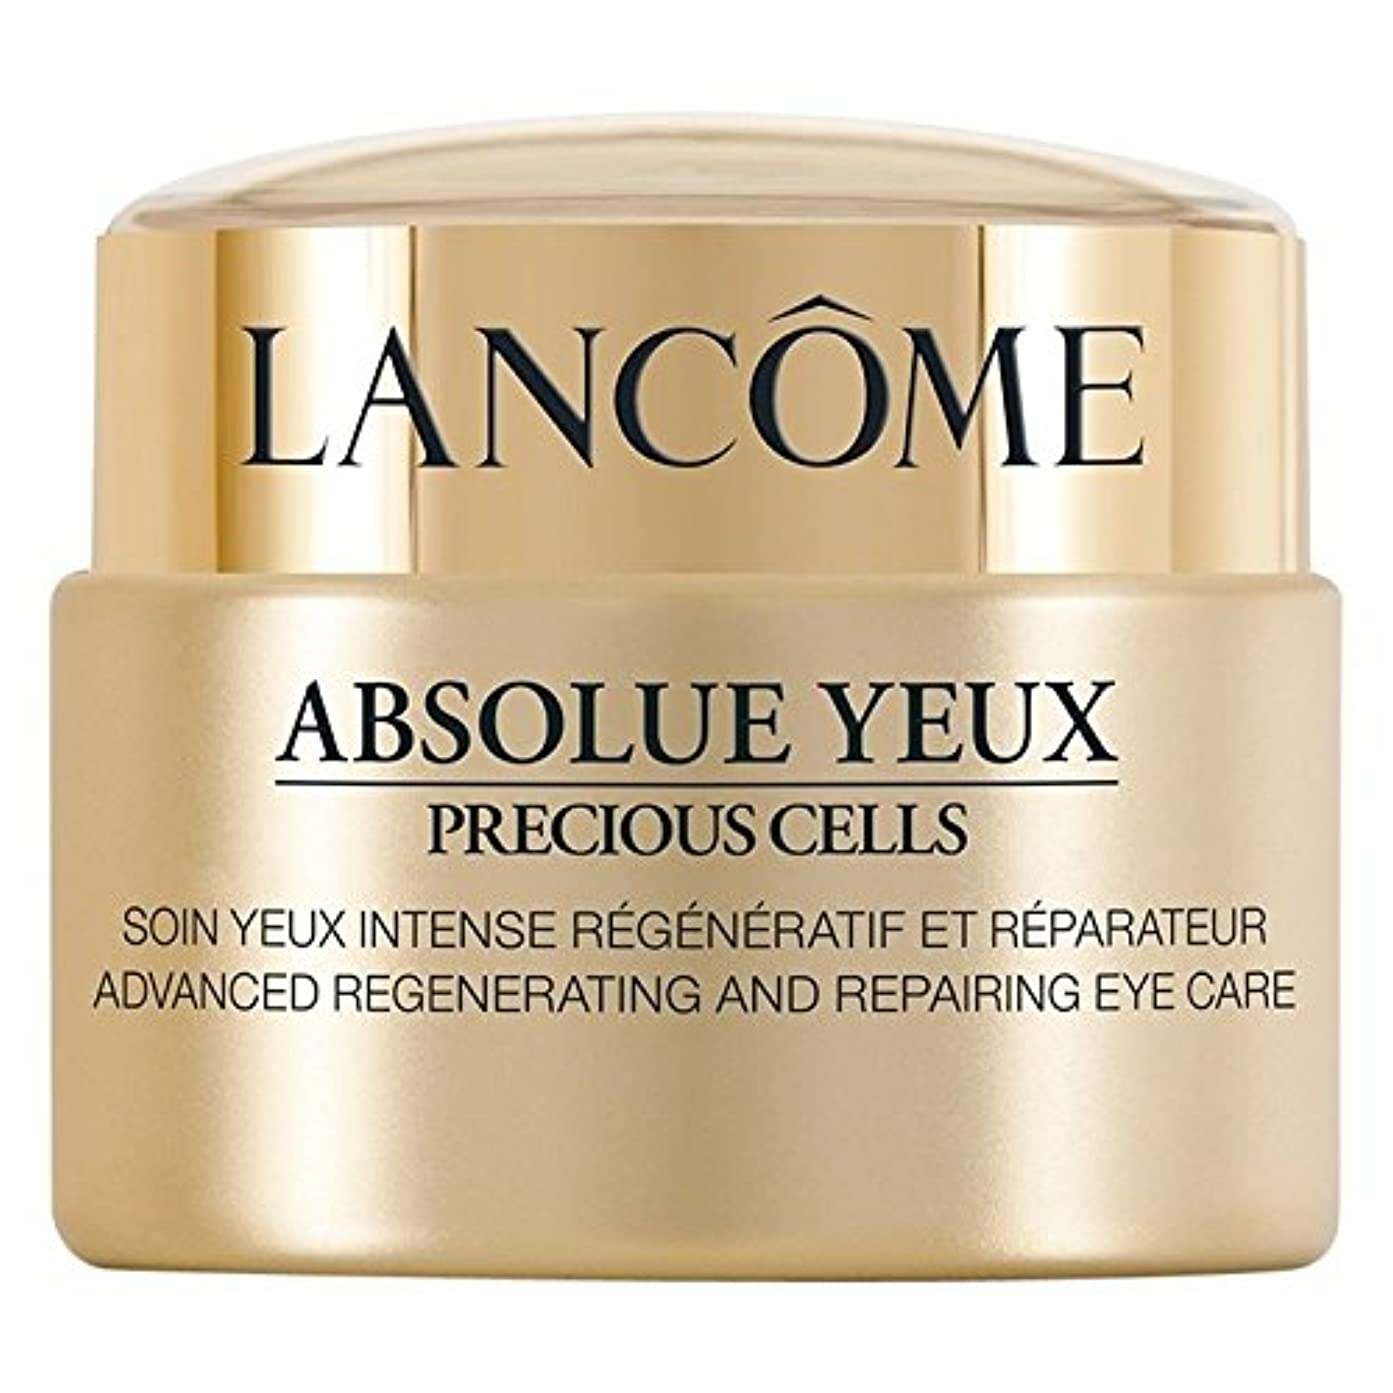 元に戻すモバイル子供っぽい[Lanc?me] ランコムアブソリュのYeux貴重なセルアイクリーム20ミリリットル - Lanc?me Absolue Yeux Precious Cells Eye Cream 20ml [並行輸入品]